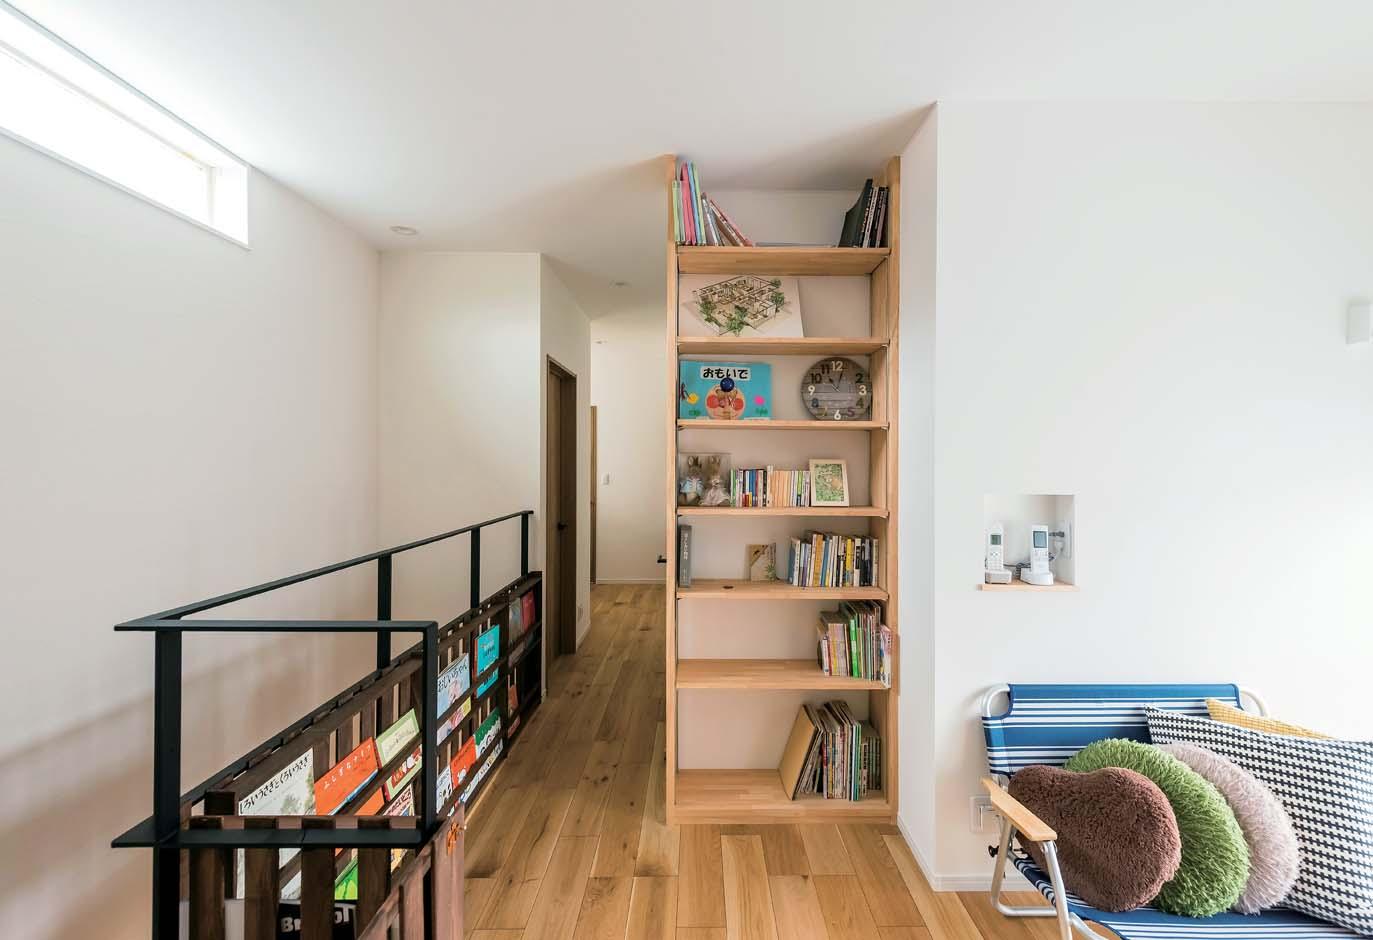 アトリエサクラ【子育て、間取り、ガレージ】2階のホールは、本棚を造作したライブラリーで家族のくつろぎの空間に。アイアンの手すり部分を活用したご主人お手製のマガジンラックもナイスアイデア